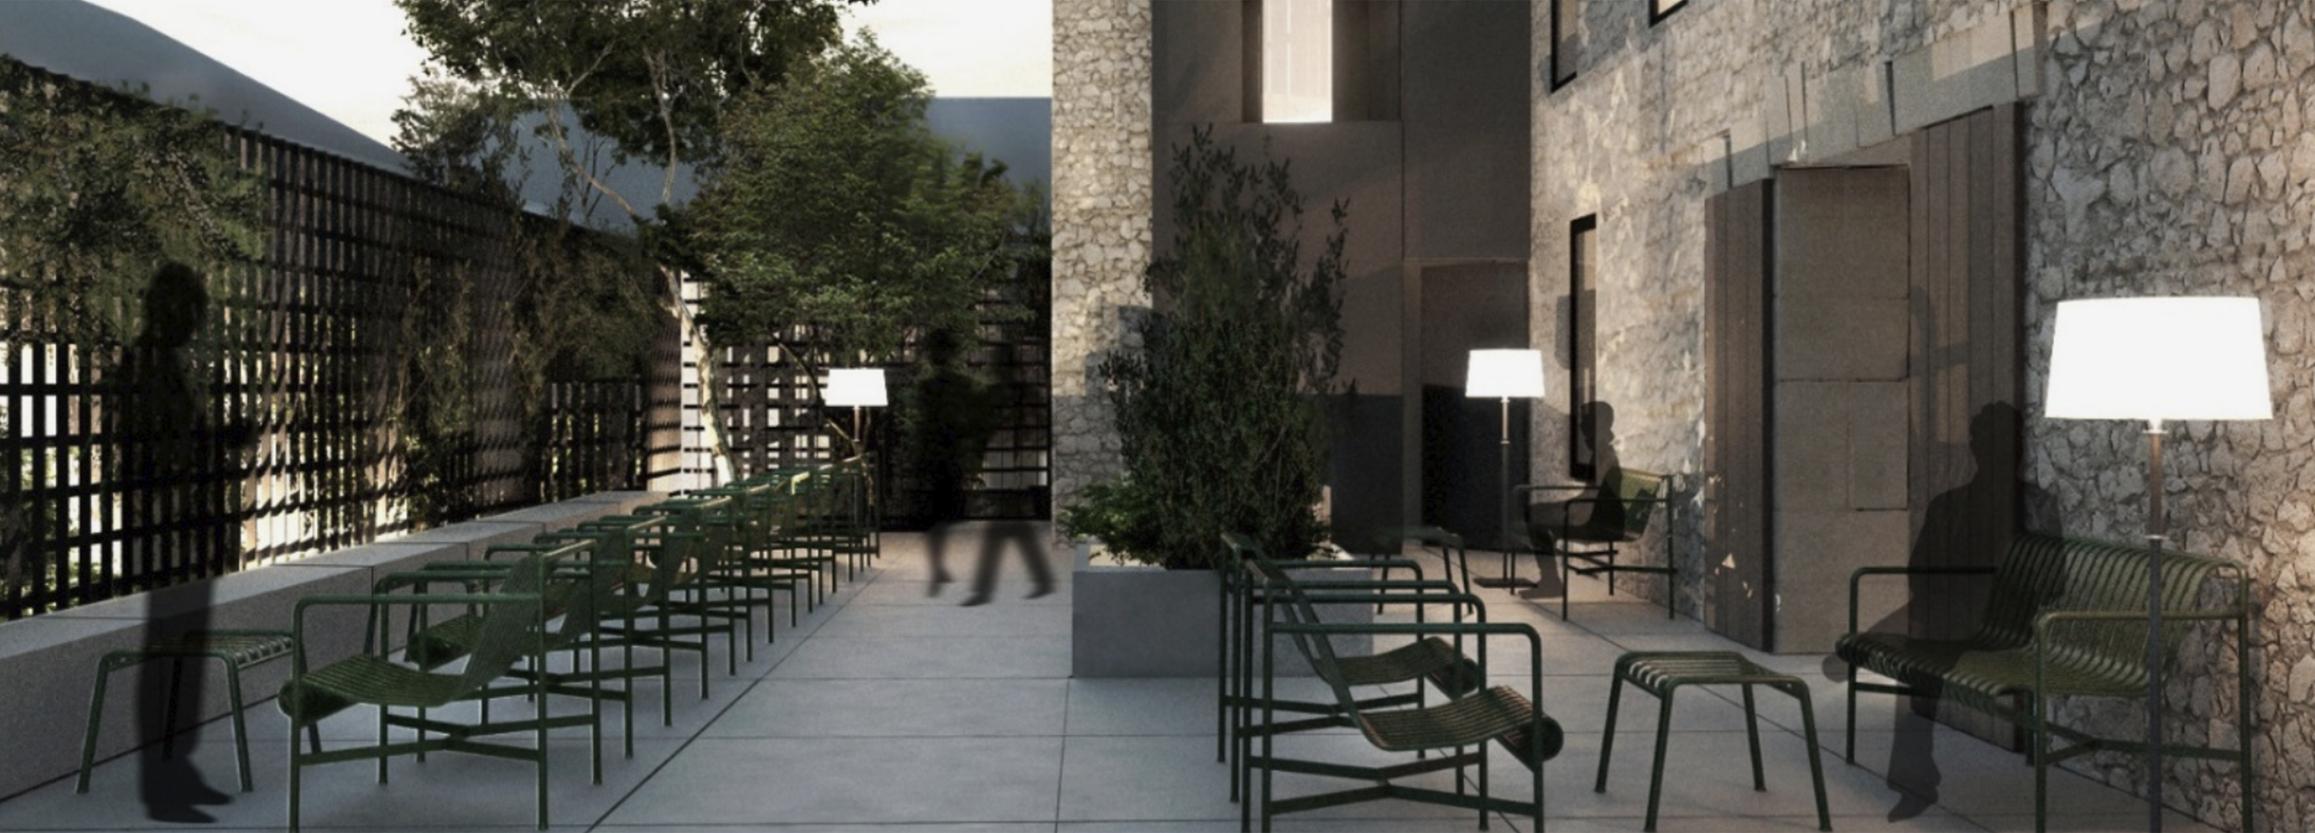 hotel casa grande la rioja - The hotel